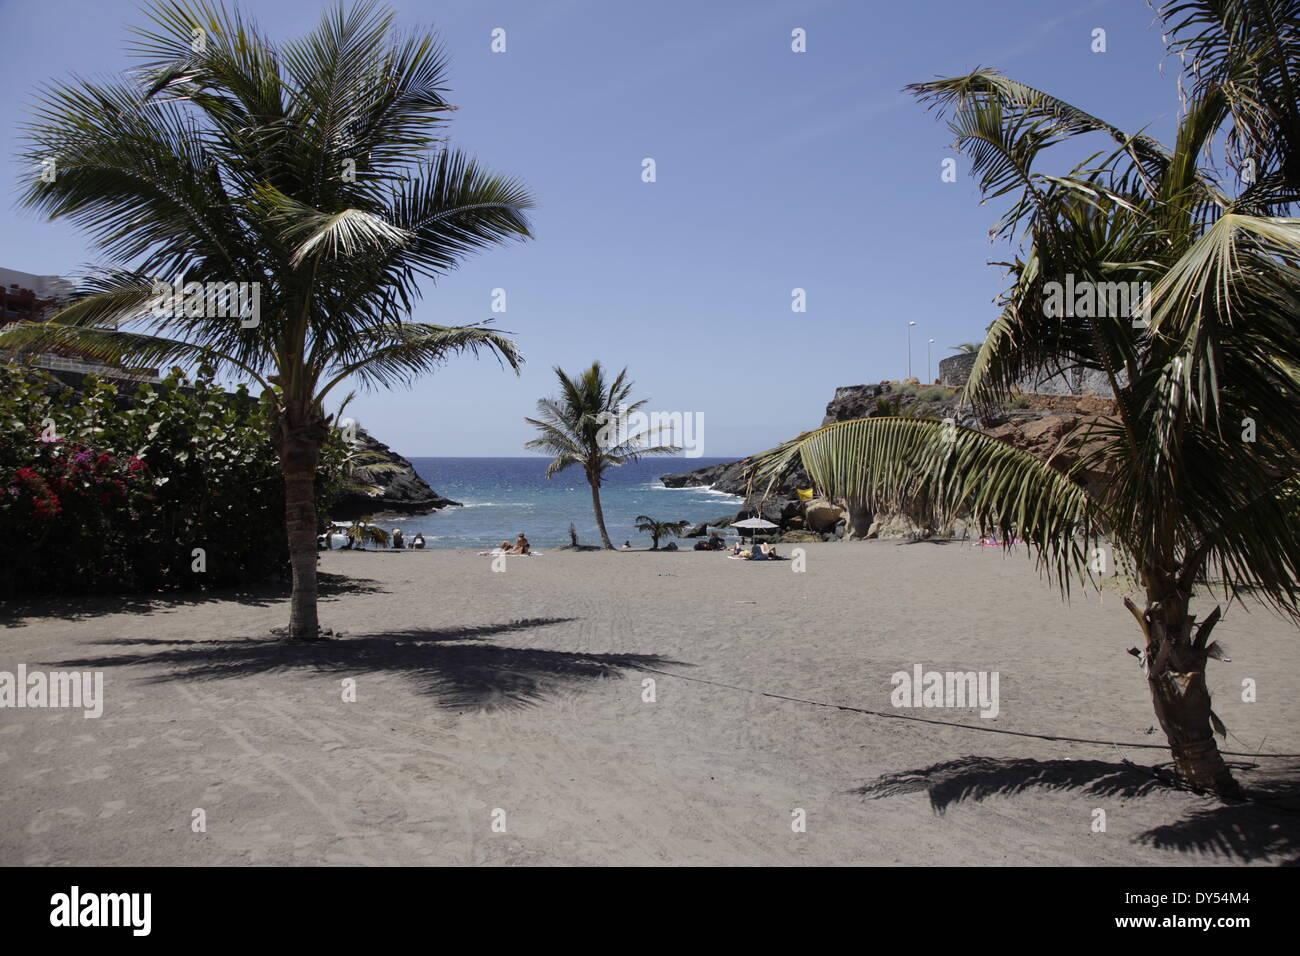 Palmeras en las galgas de playa en Playa de Las Americas, Tenerife, Islas Canarias, España Imagen De Stock